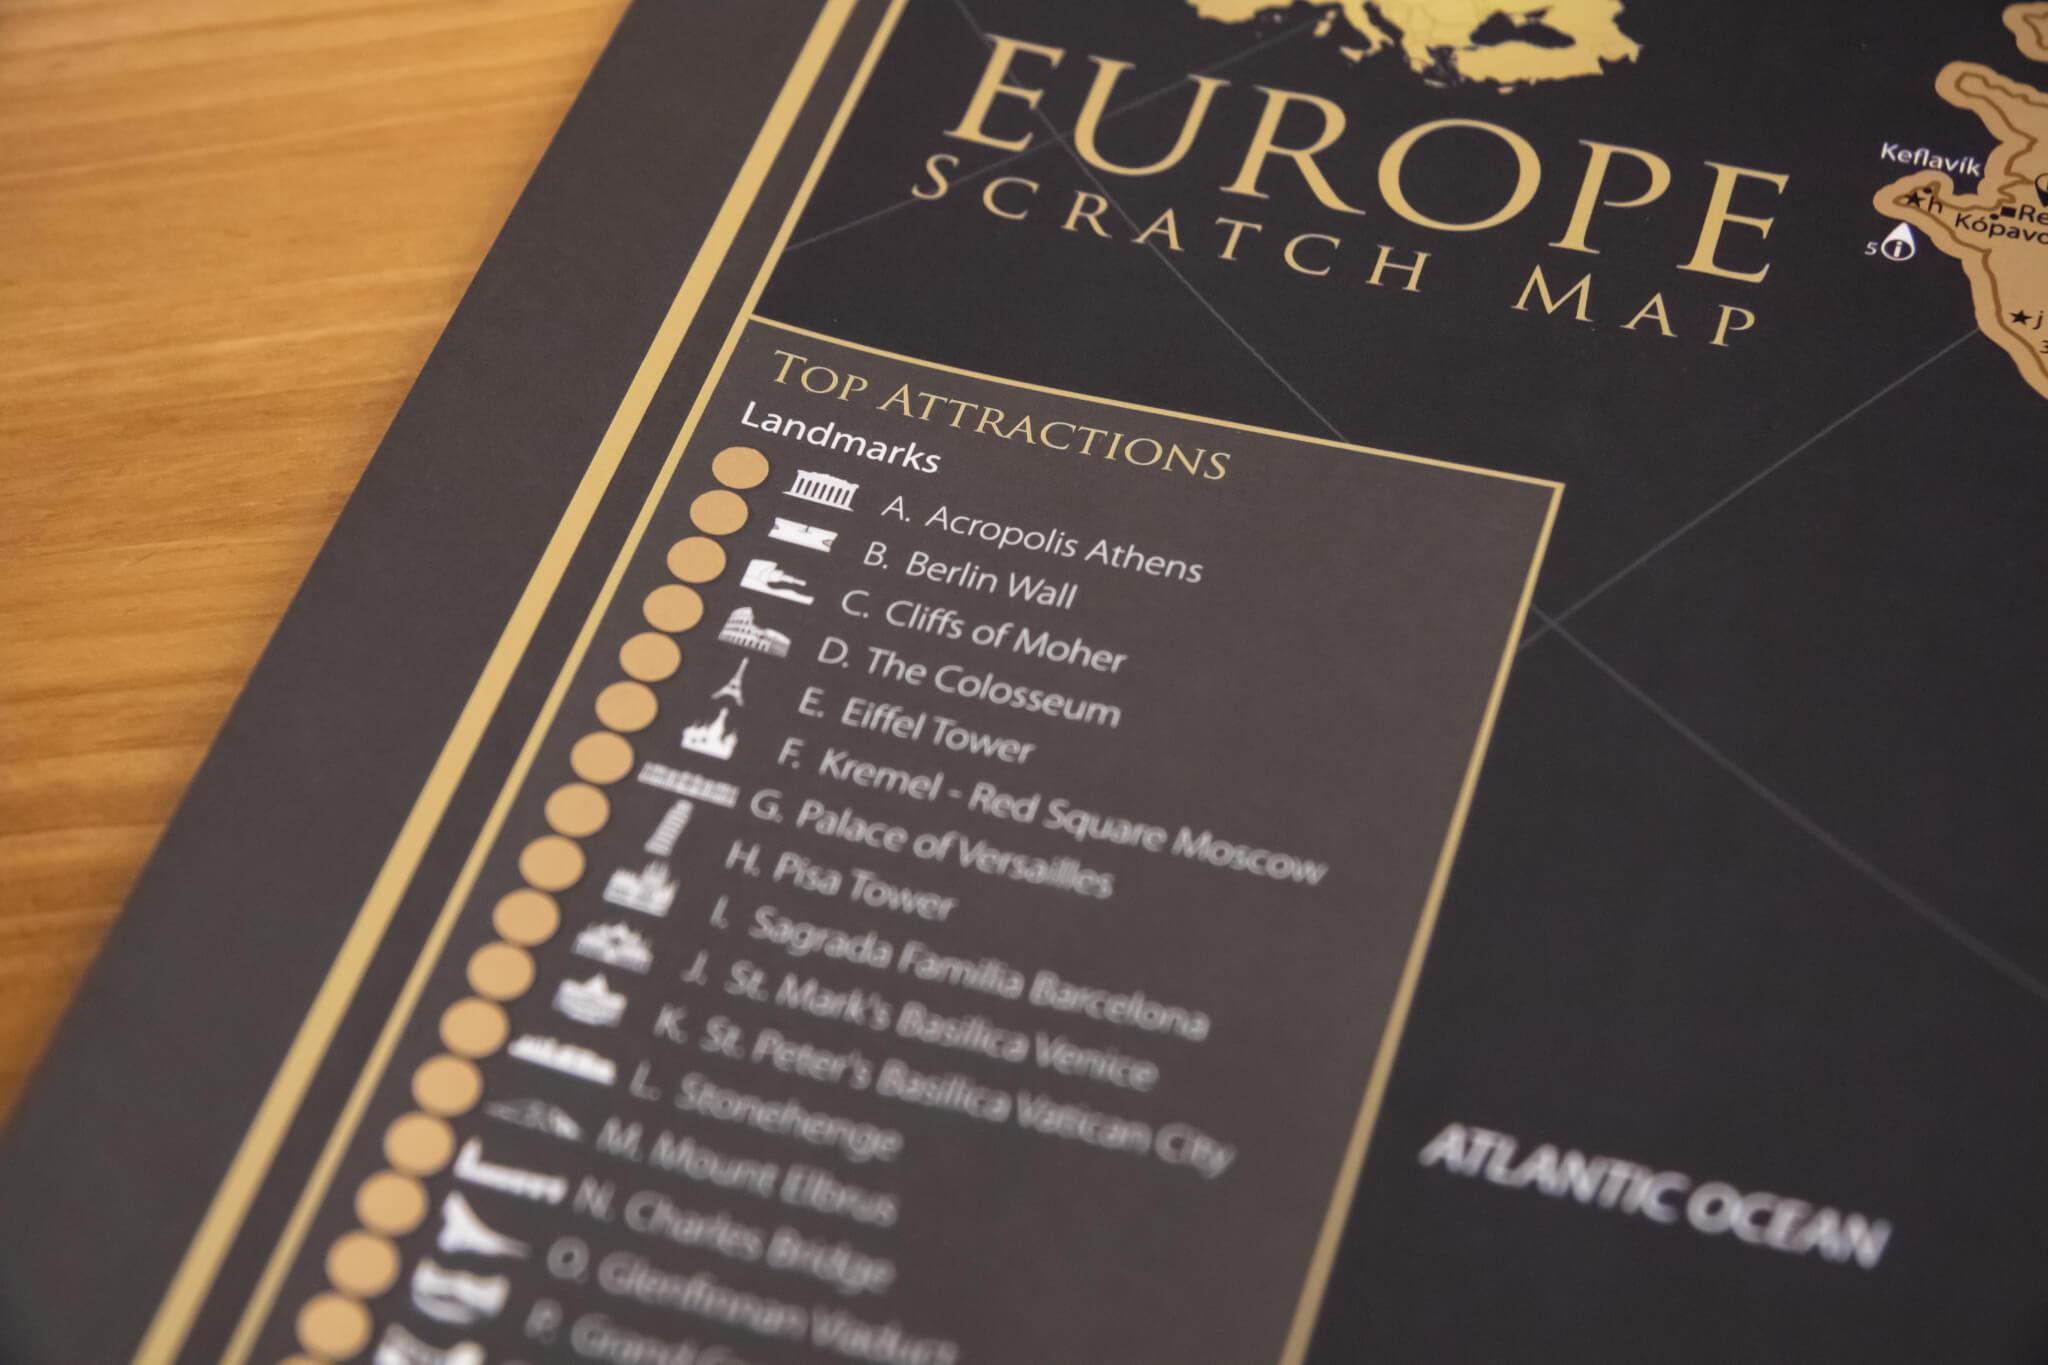 Rubbelkarte Europa - Detailansicht Top-Attraktionen